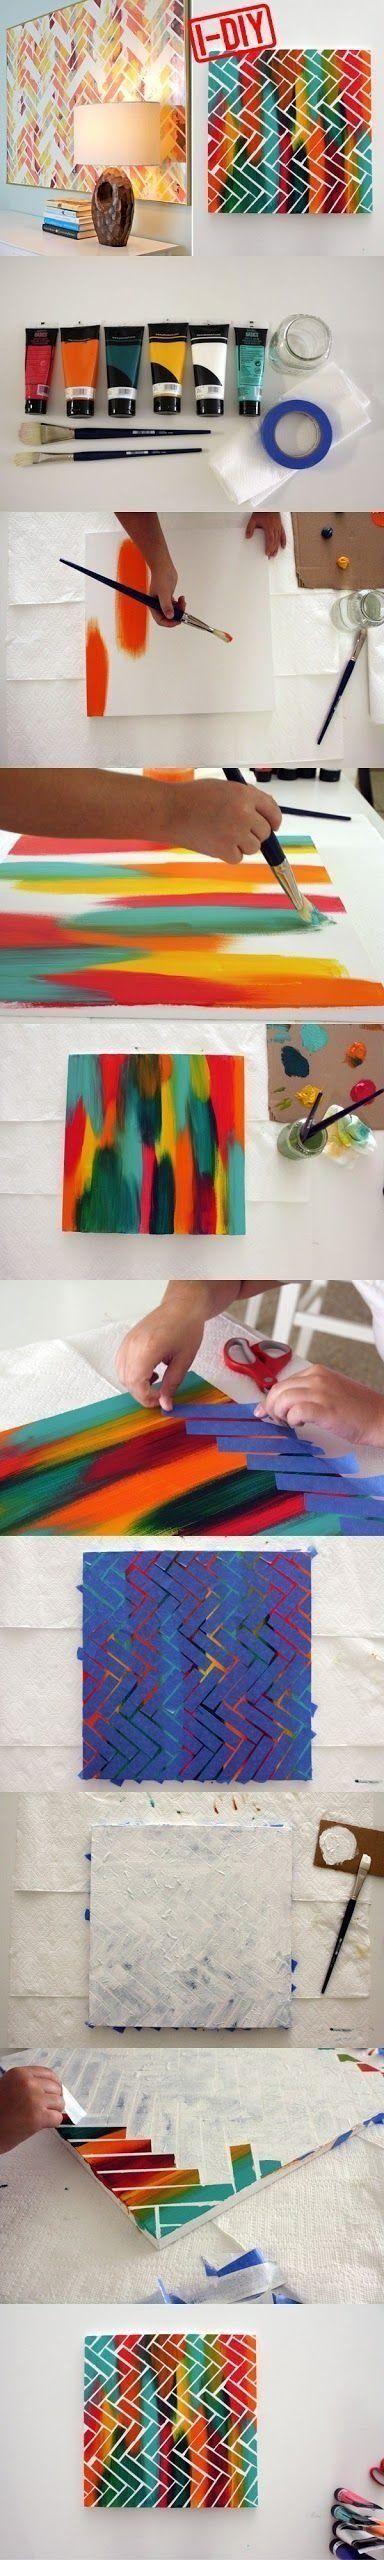 Meer dan 1000 kunst ideeën op pinterest   kleuring, inleidingen en ...